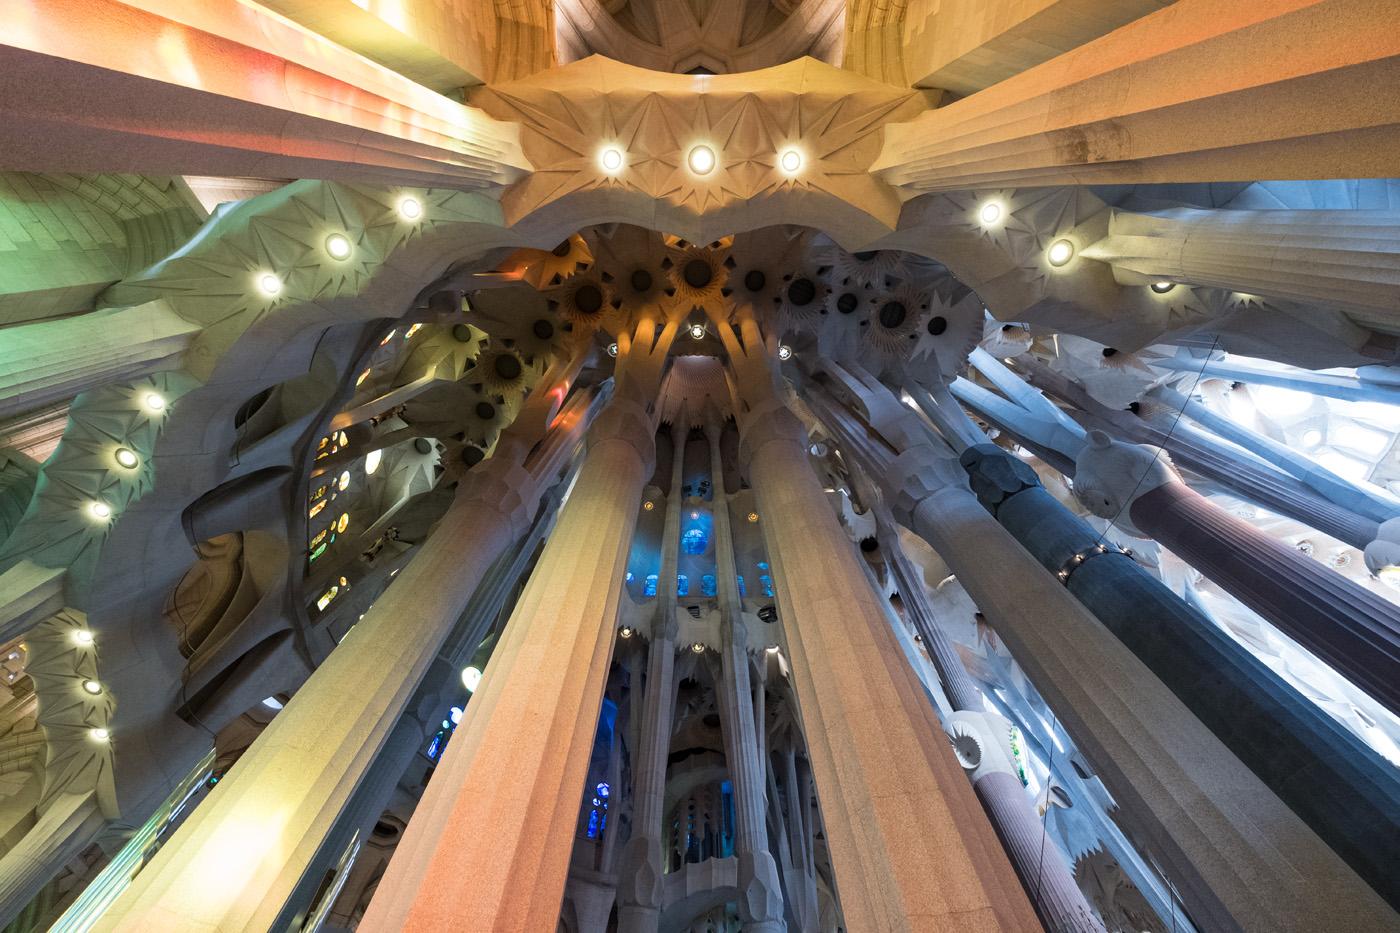 The Sagrada Familia #1